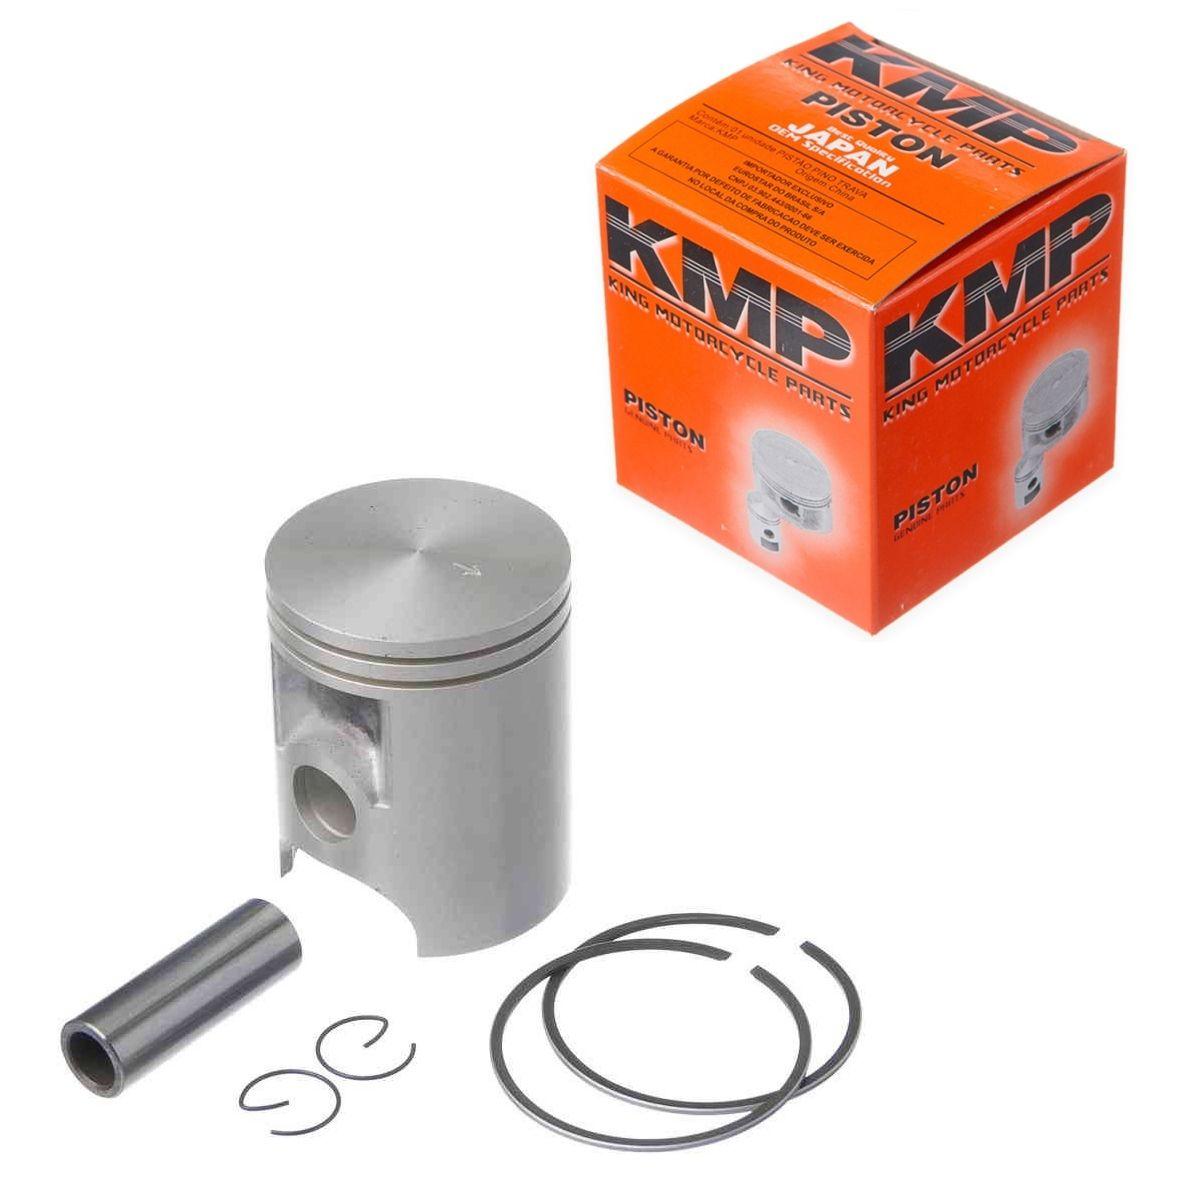 Pistão Kit C/ Anel Kmp Rx Tt 125 Std a 1.75mm